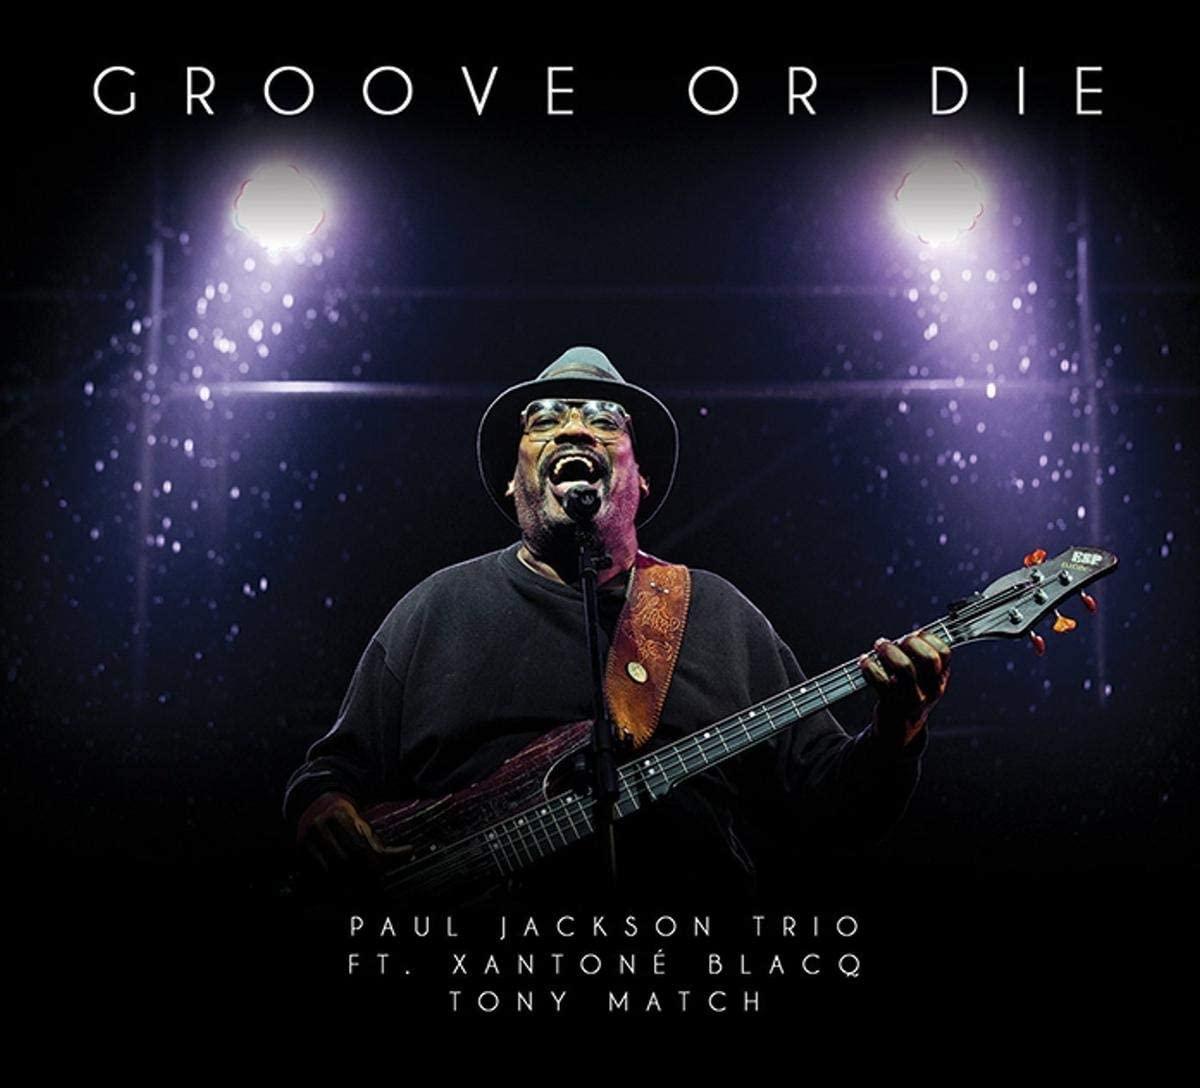 paul jackson_groove or die